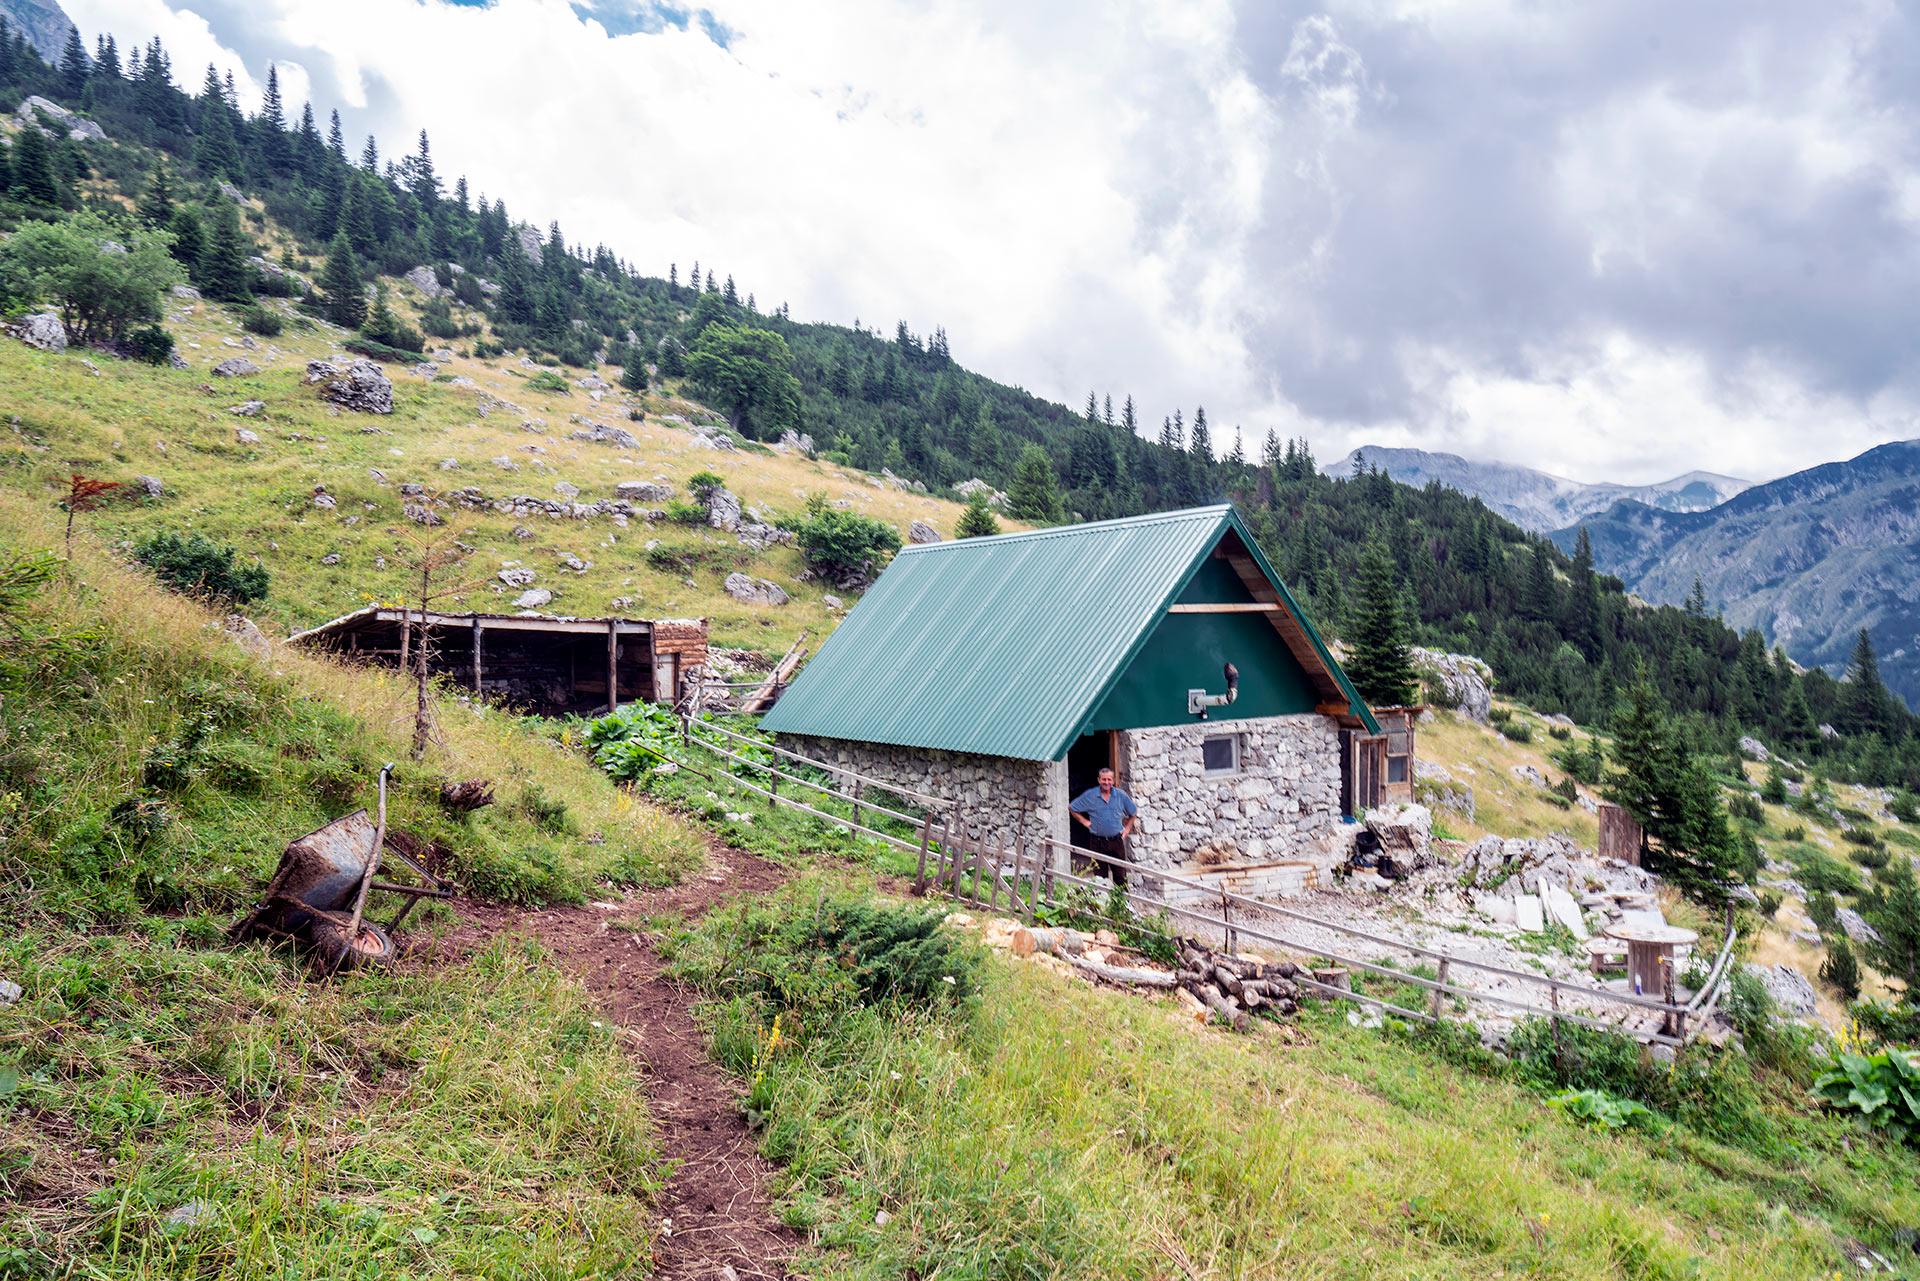 Mountain hut at Sutjeska NP